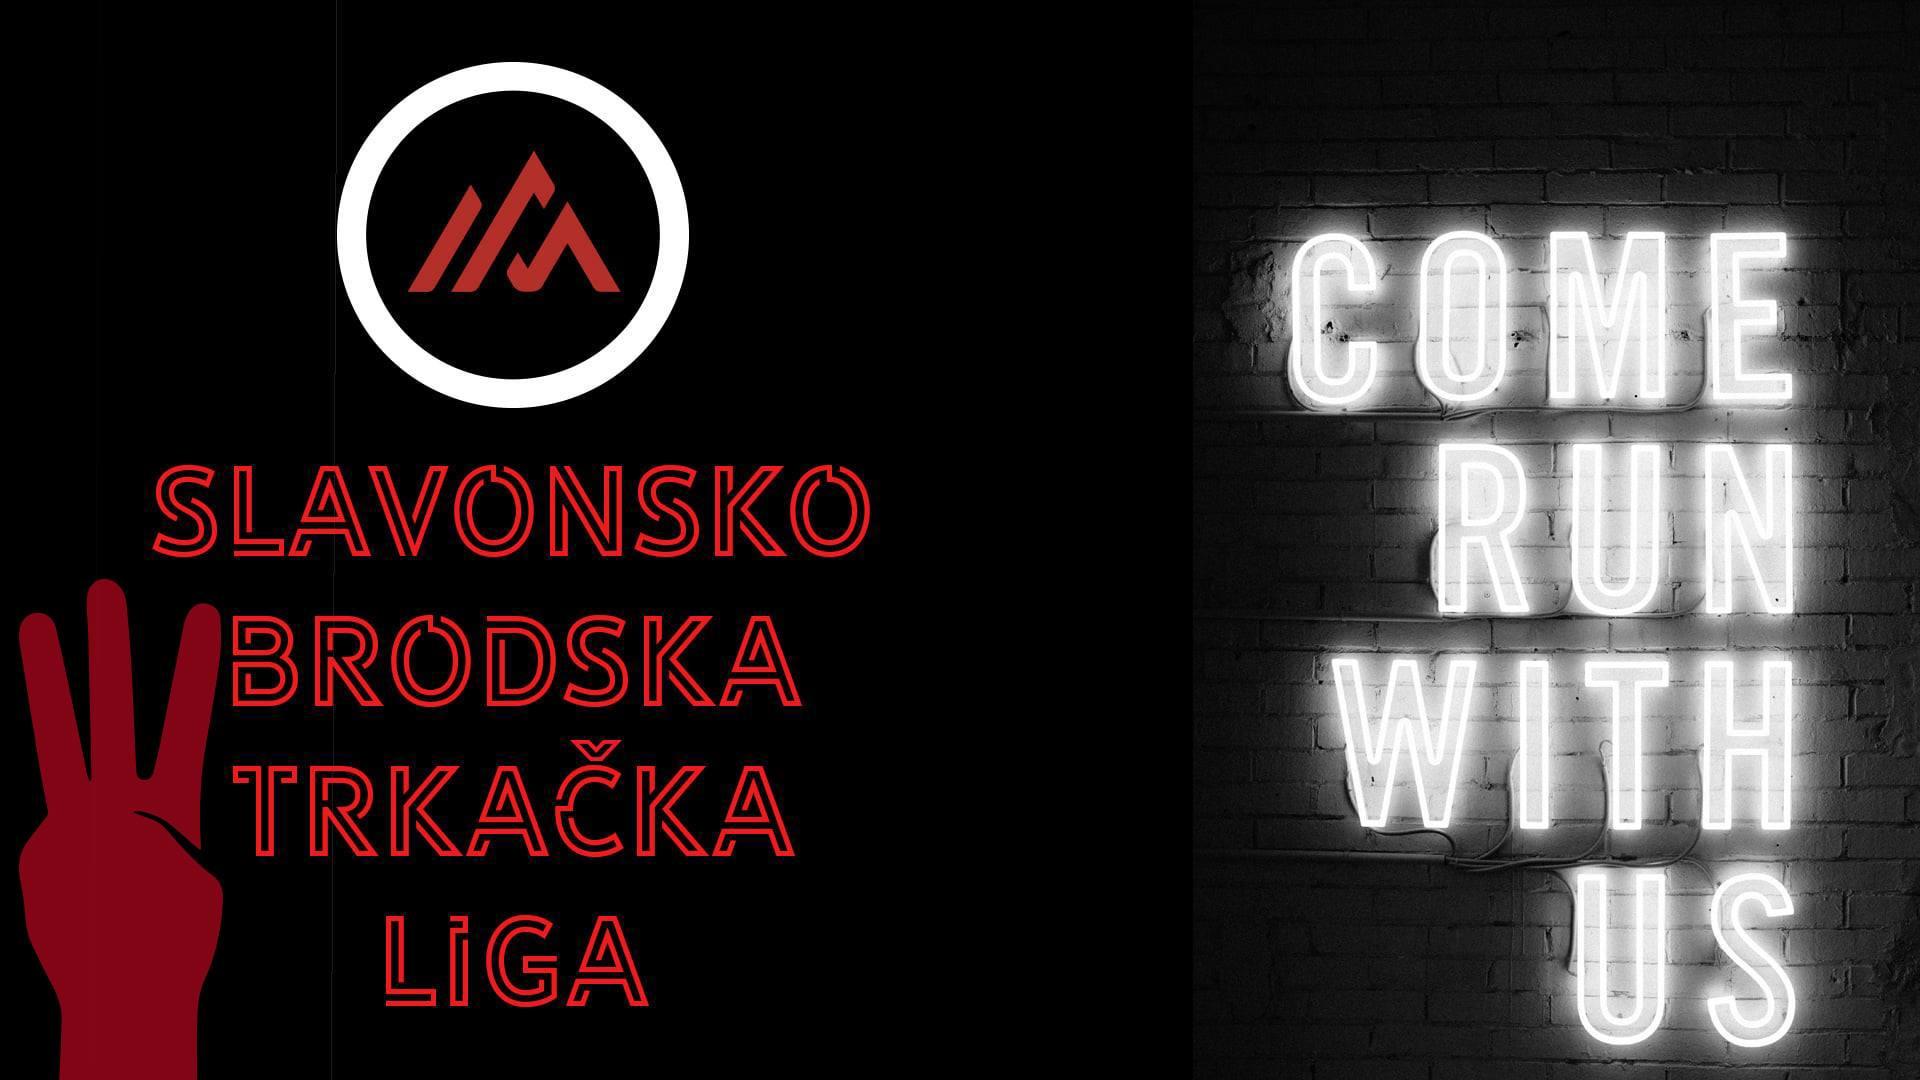 3.kolo/2020 - Slavonskobrodska trkačka liga